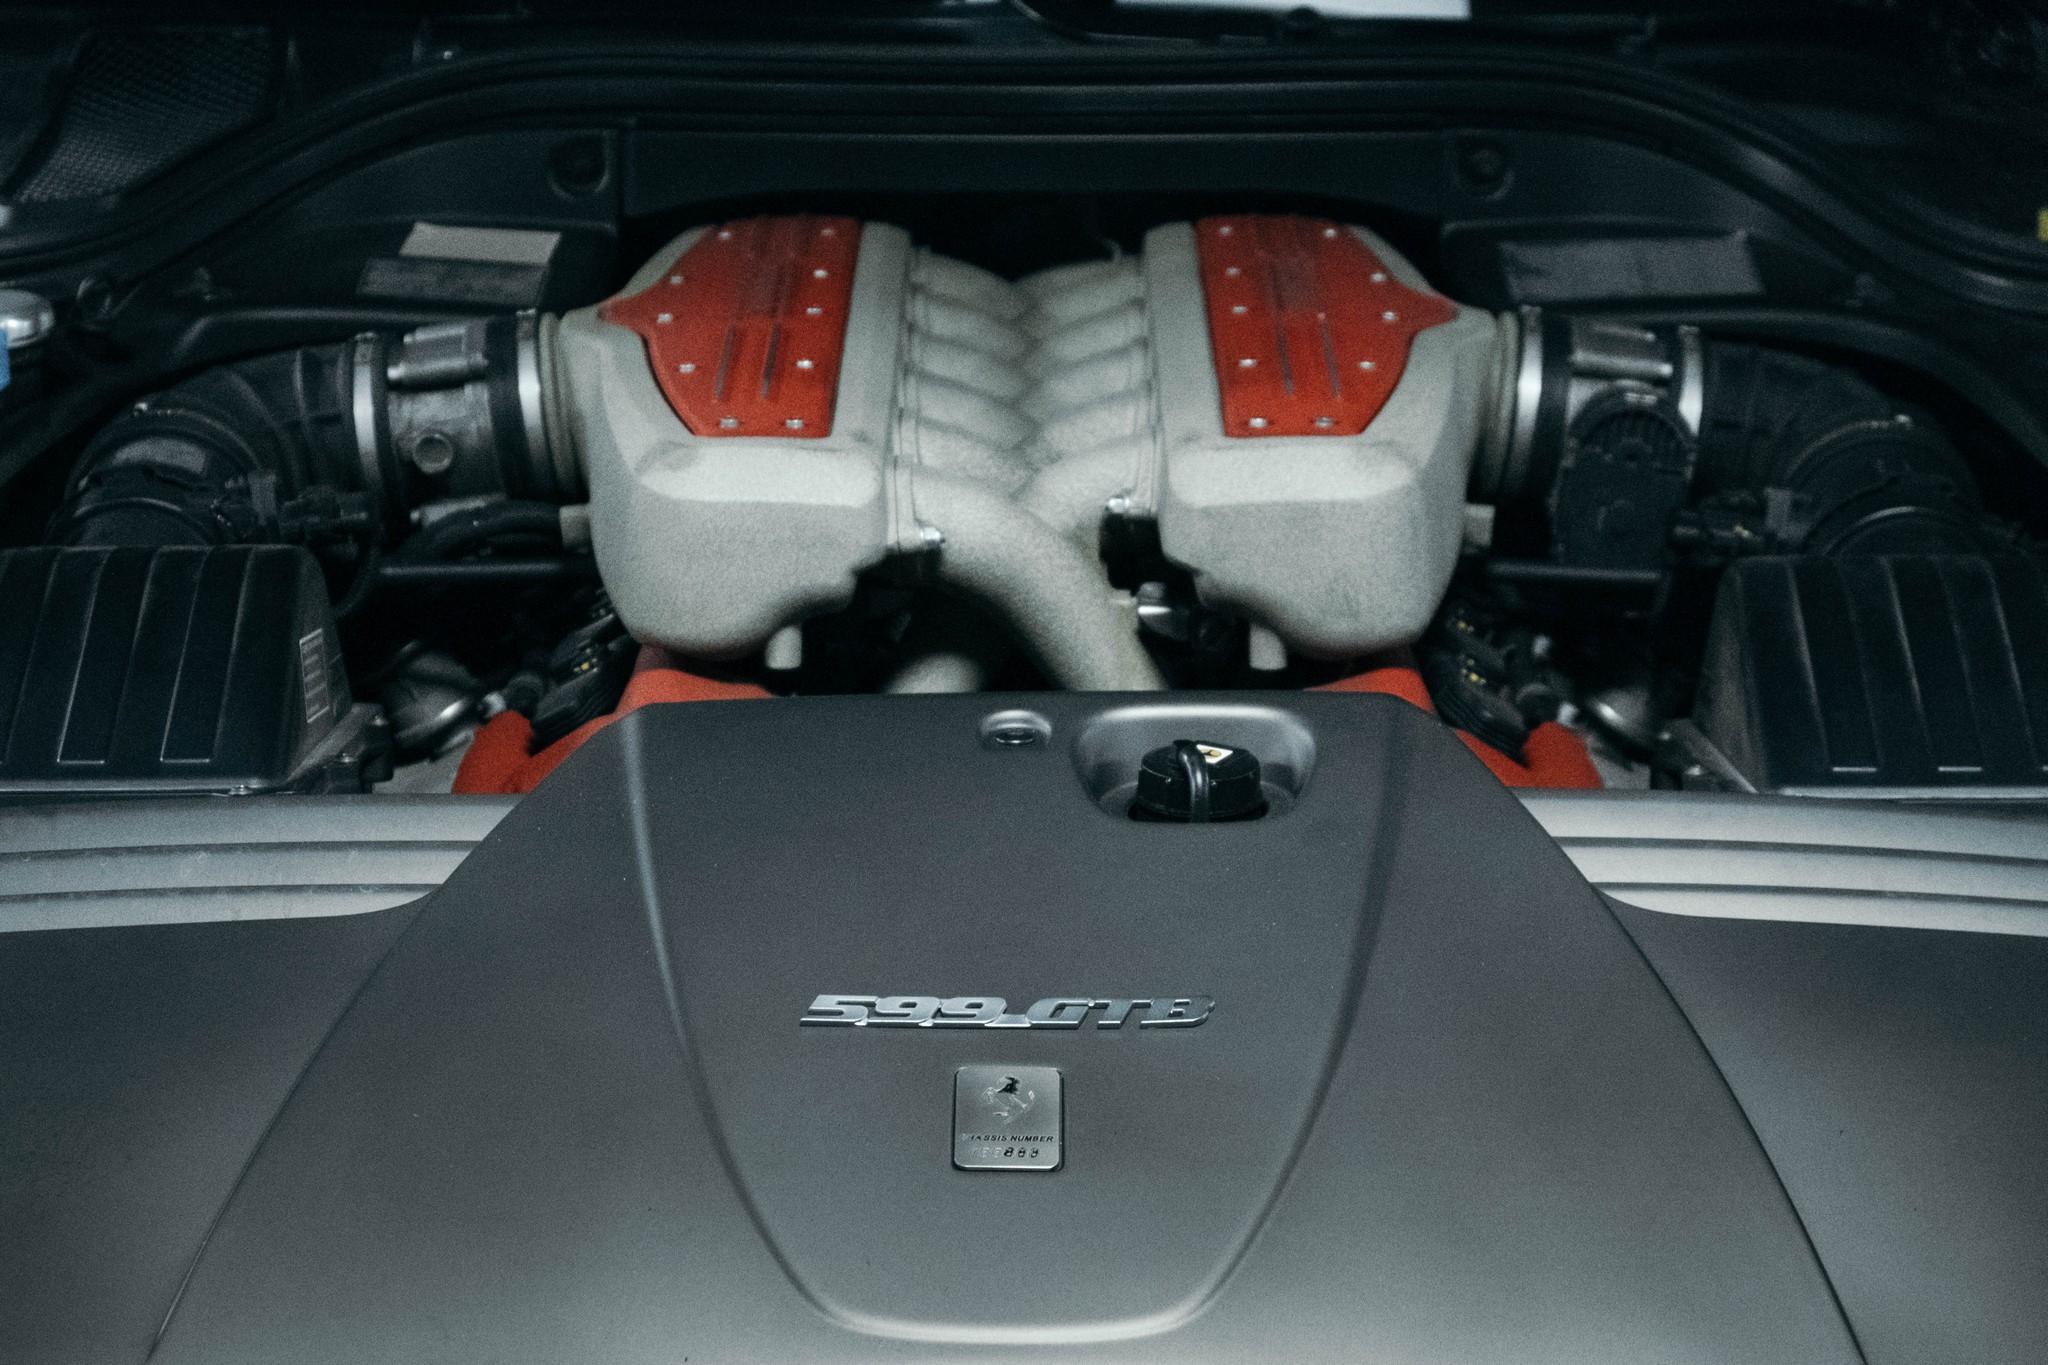 Ferrari 599 GTB Fiorano F140 V12 Engine.